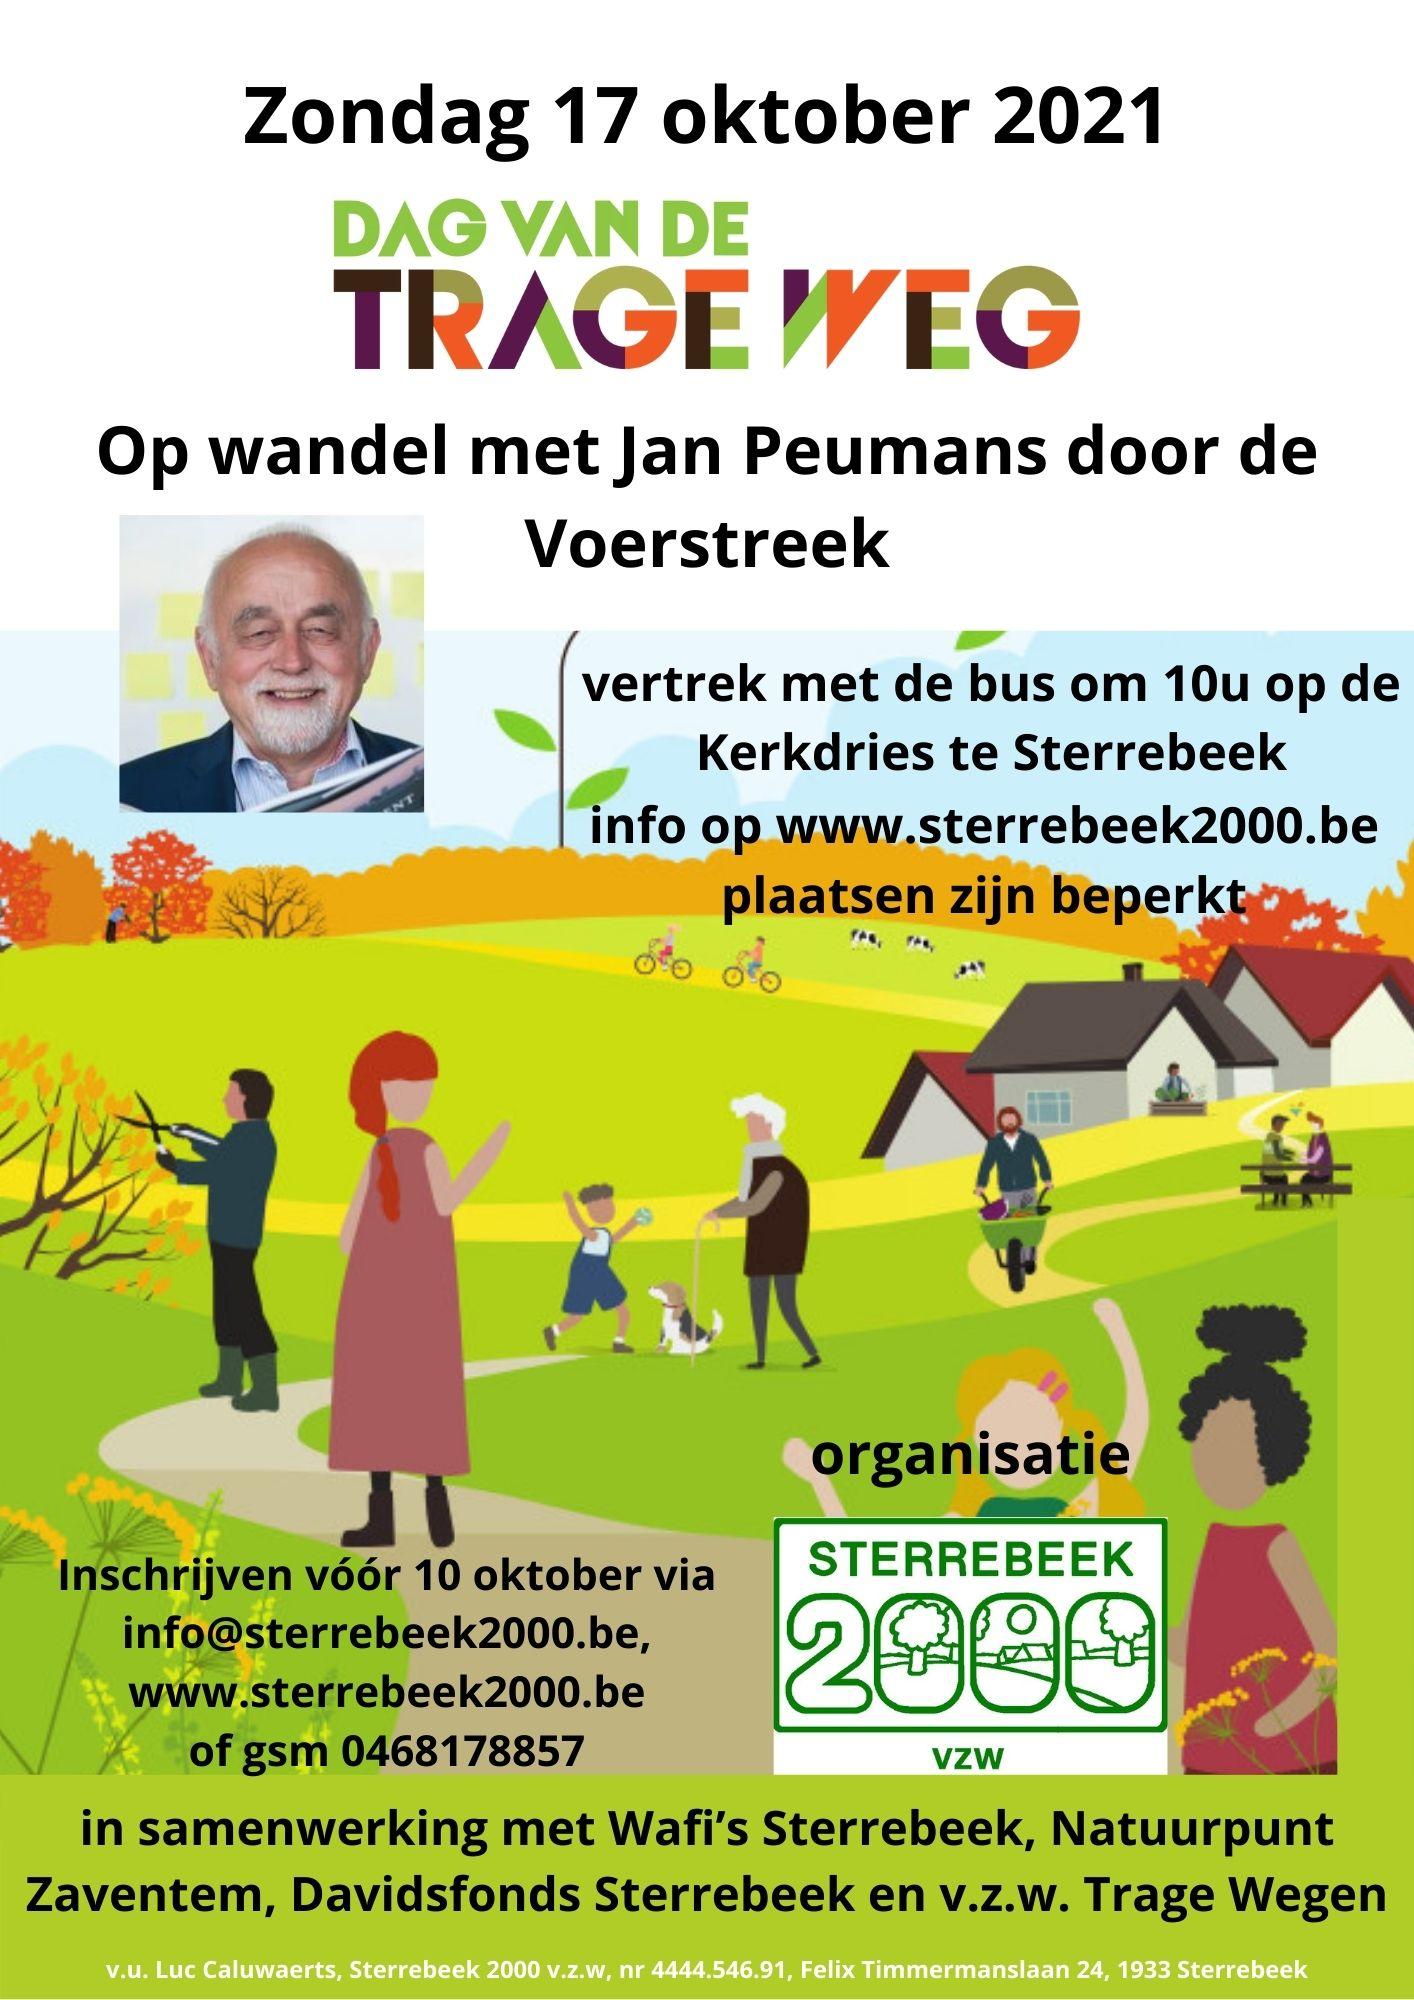 Op wandel met Jan Peumans door de Voerstreek